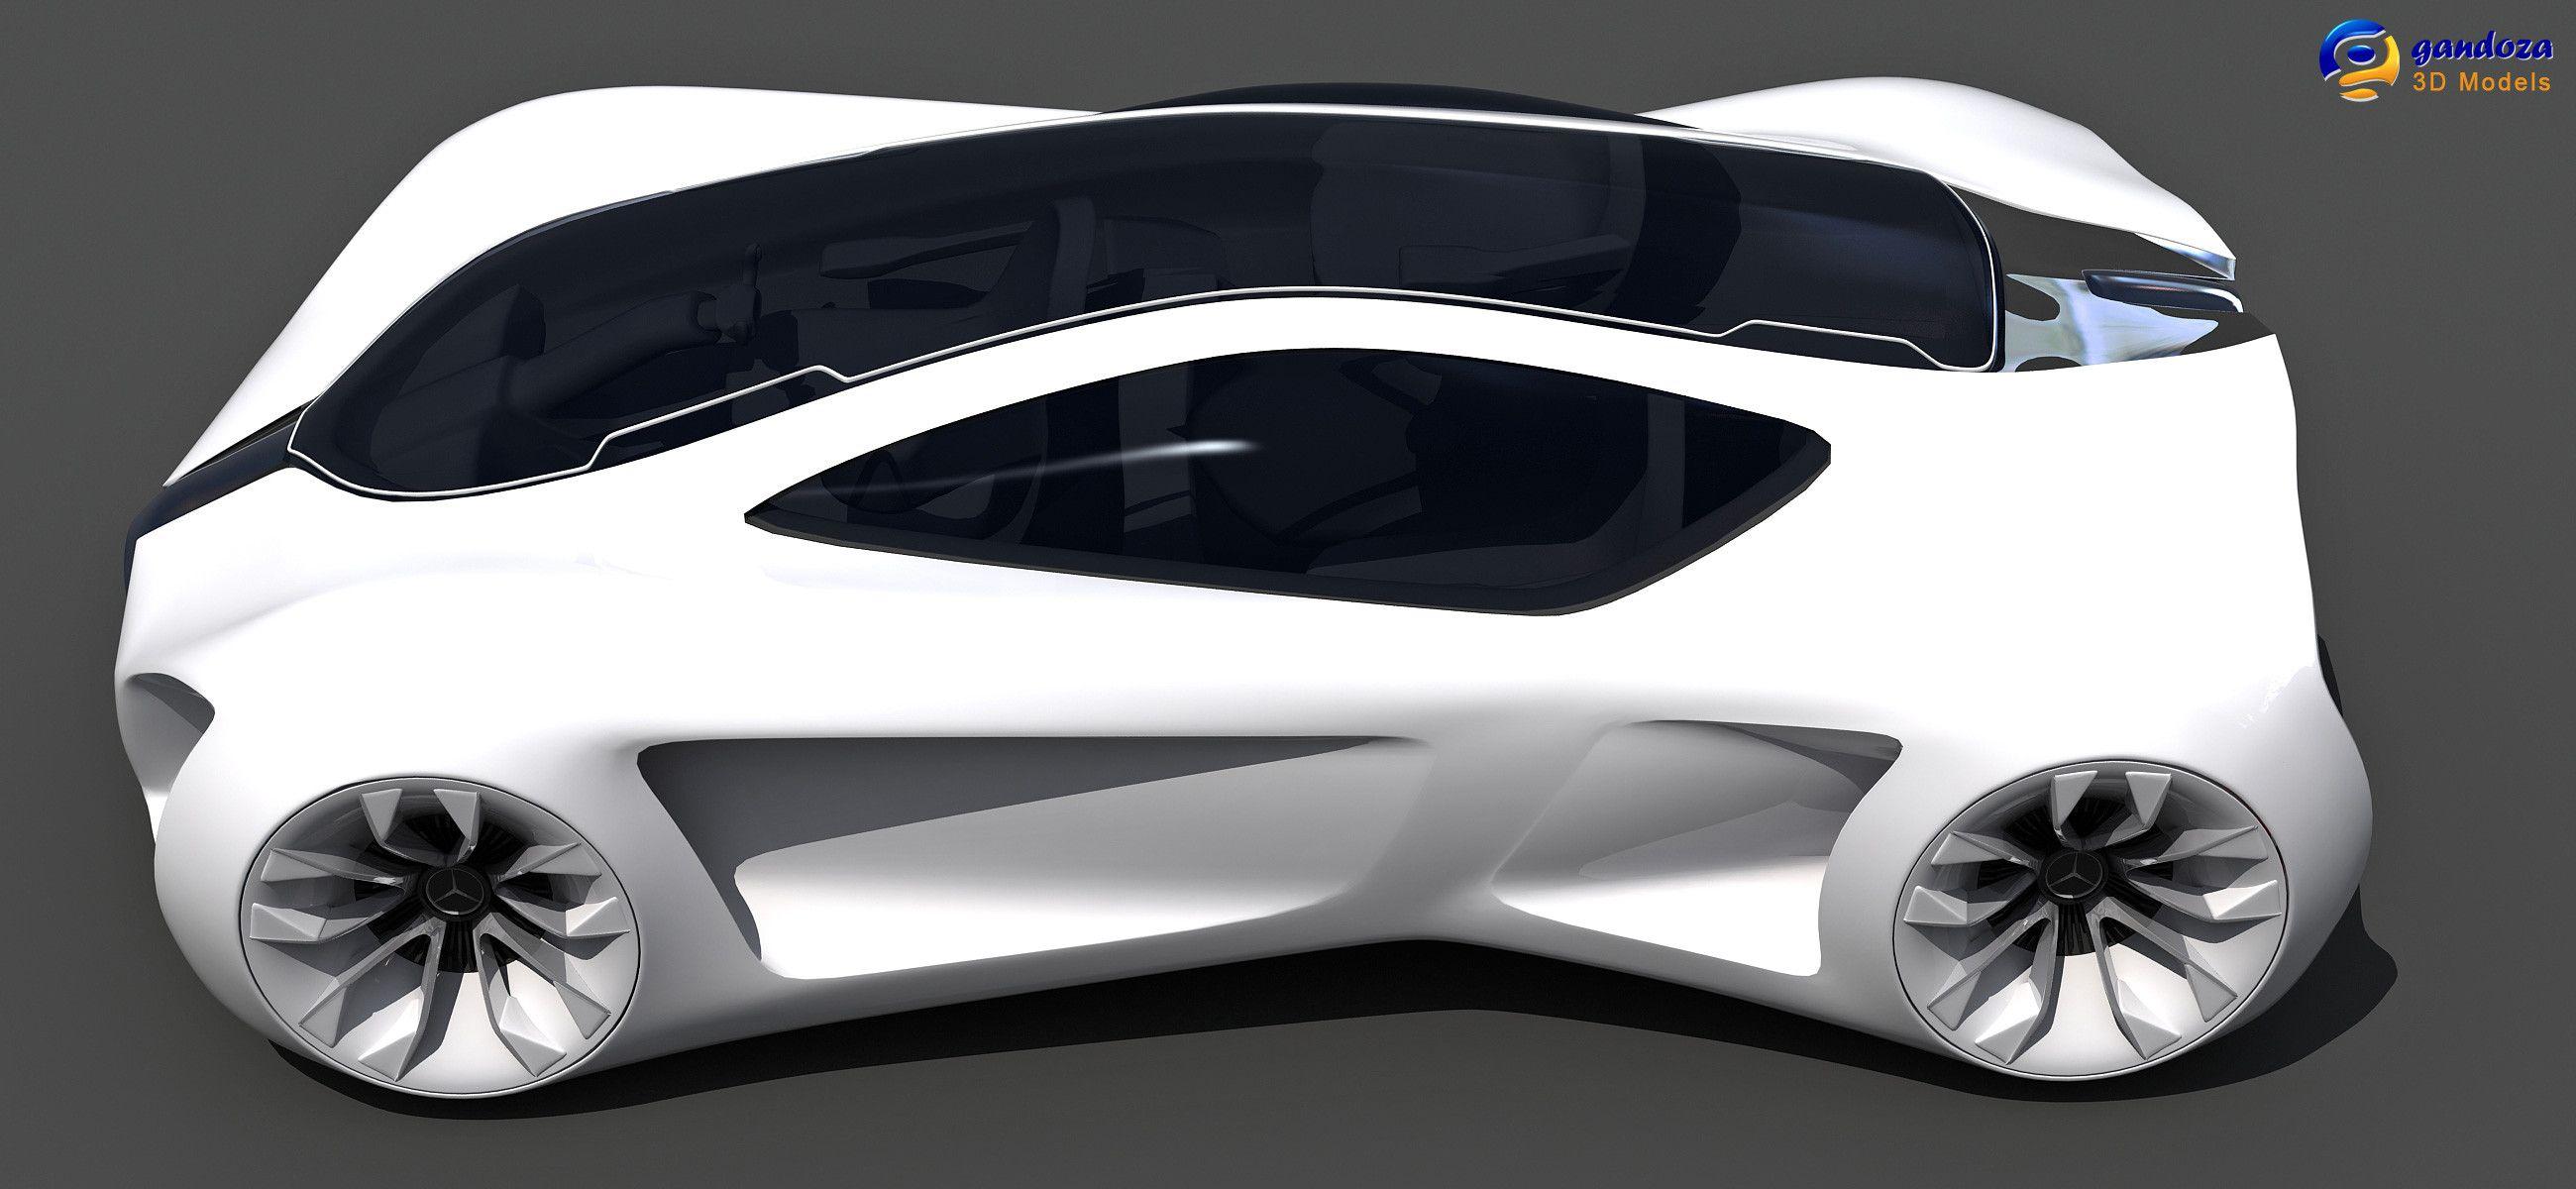 3d Mercedes Benz Biome Concept Car Model Mercedes Benz Biome Concept Cars Benz